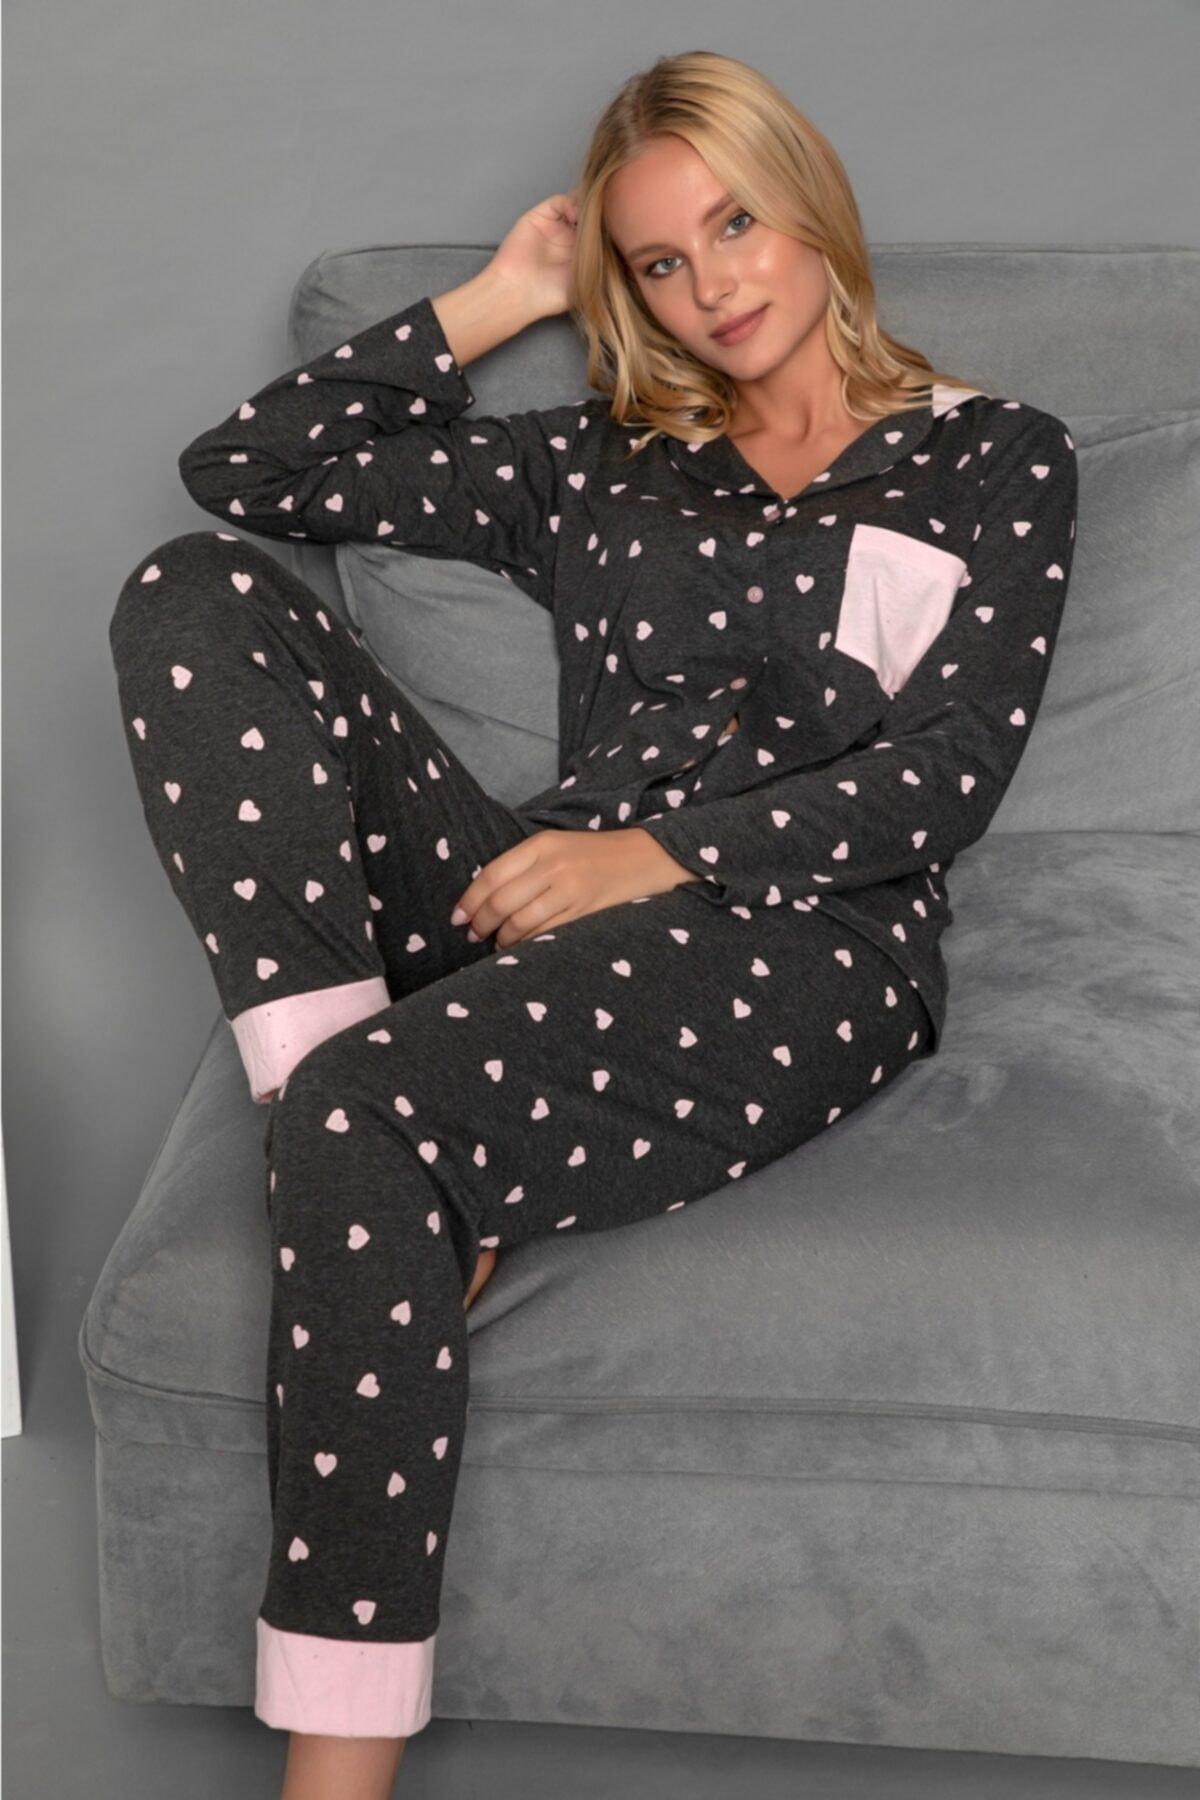 modalizy Anne Kız Siyah Kalp Desenli Pijama Kombinleri 2